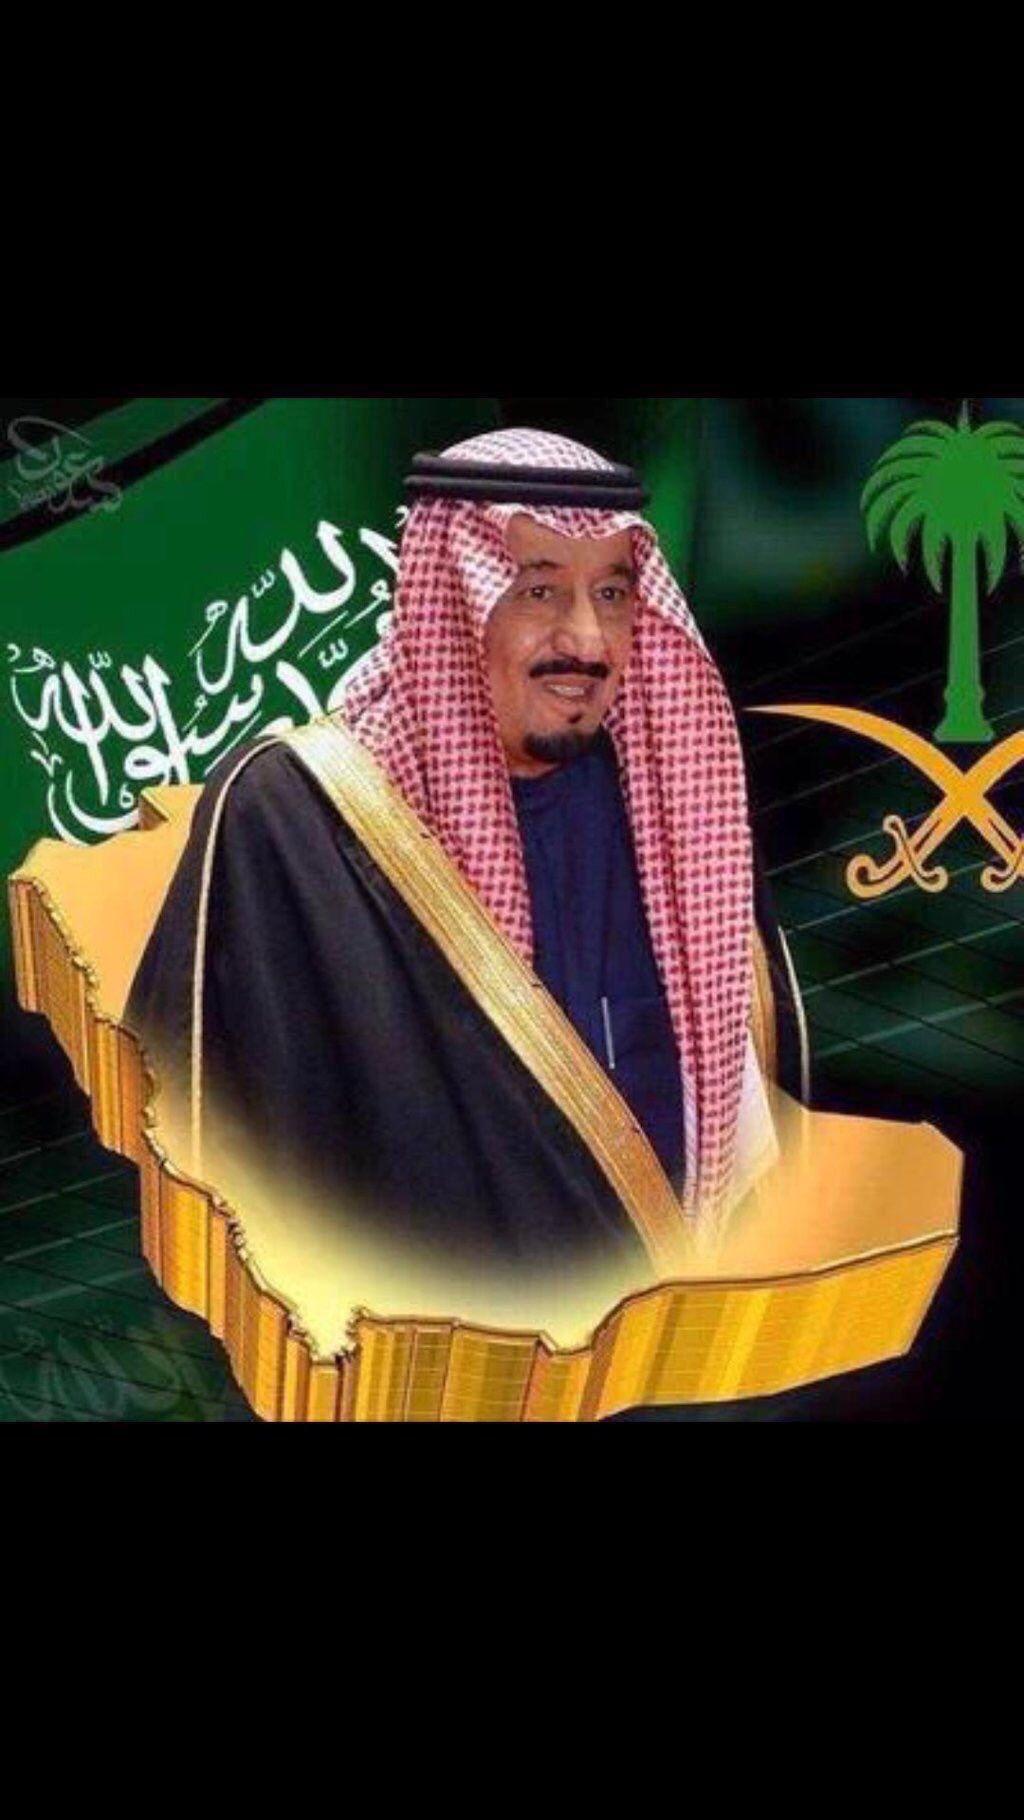 الملك سلمان بن عبد العزيز حفظه الله National Day Saudi Prince Mohammed Illustration Art